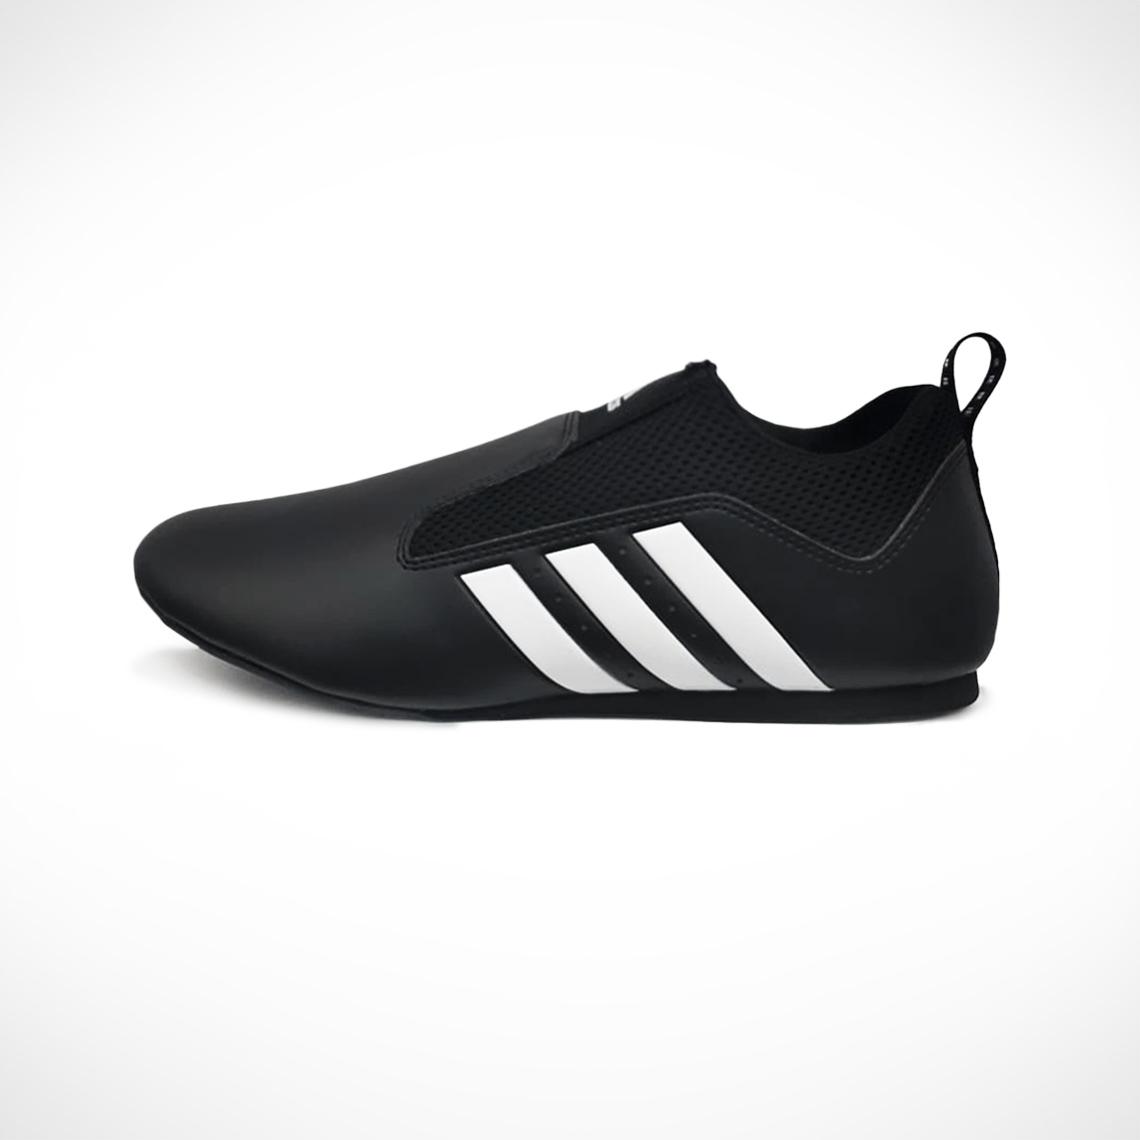 adidas tae kwon do shoes